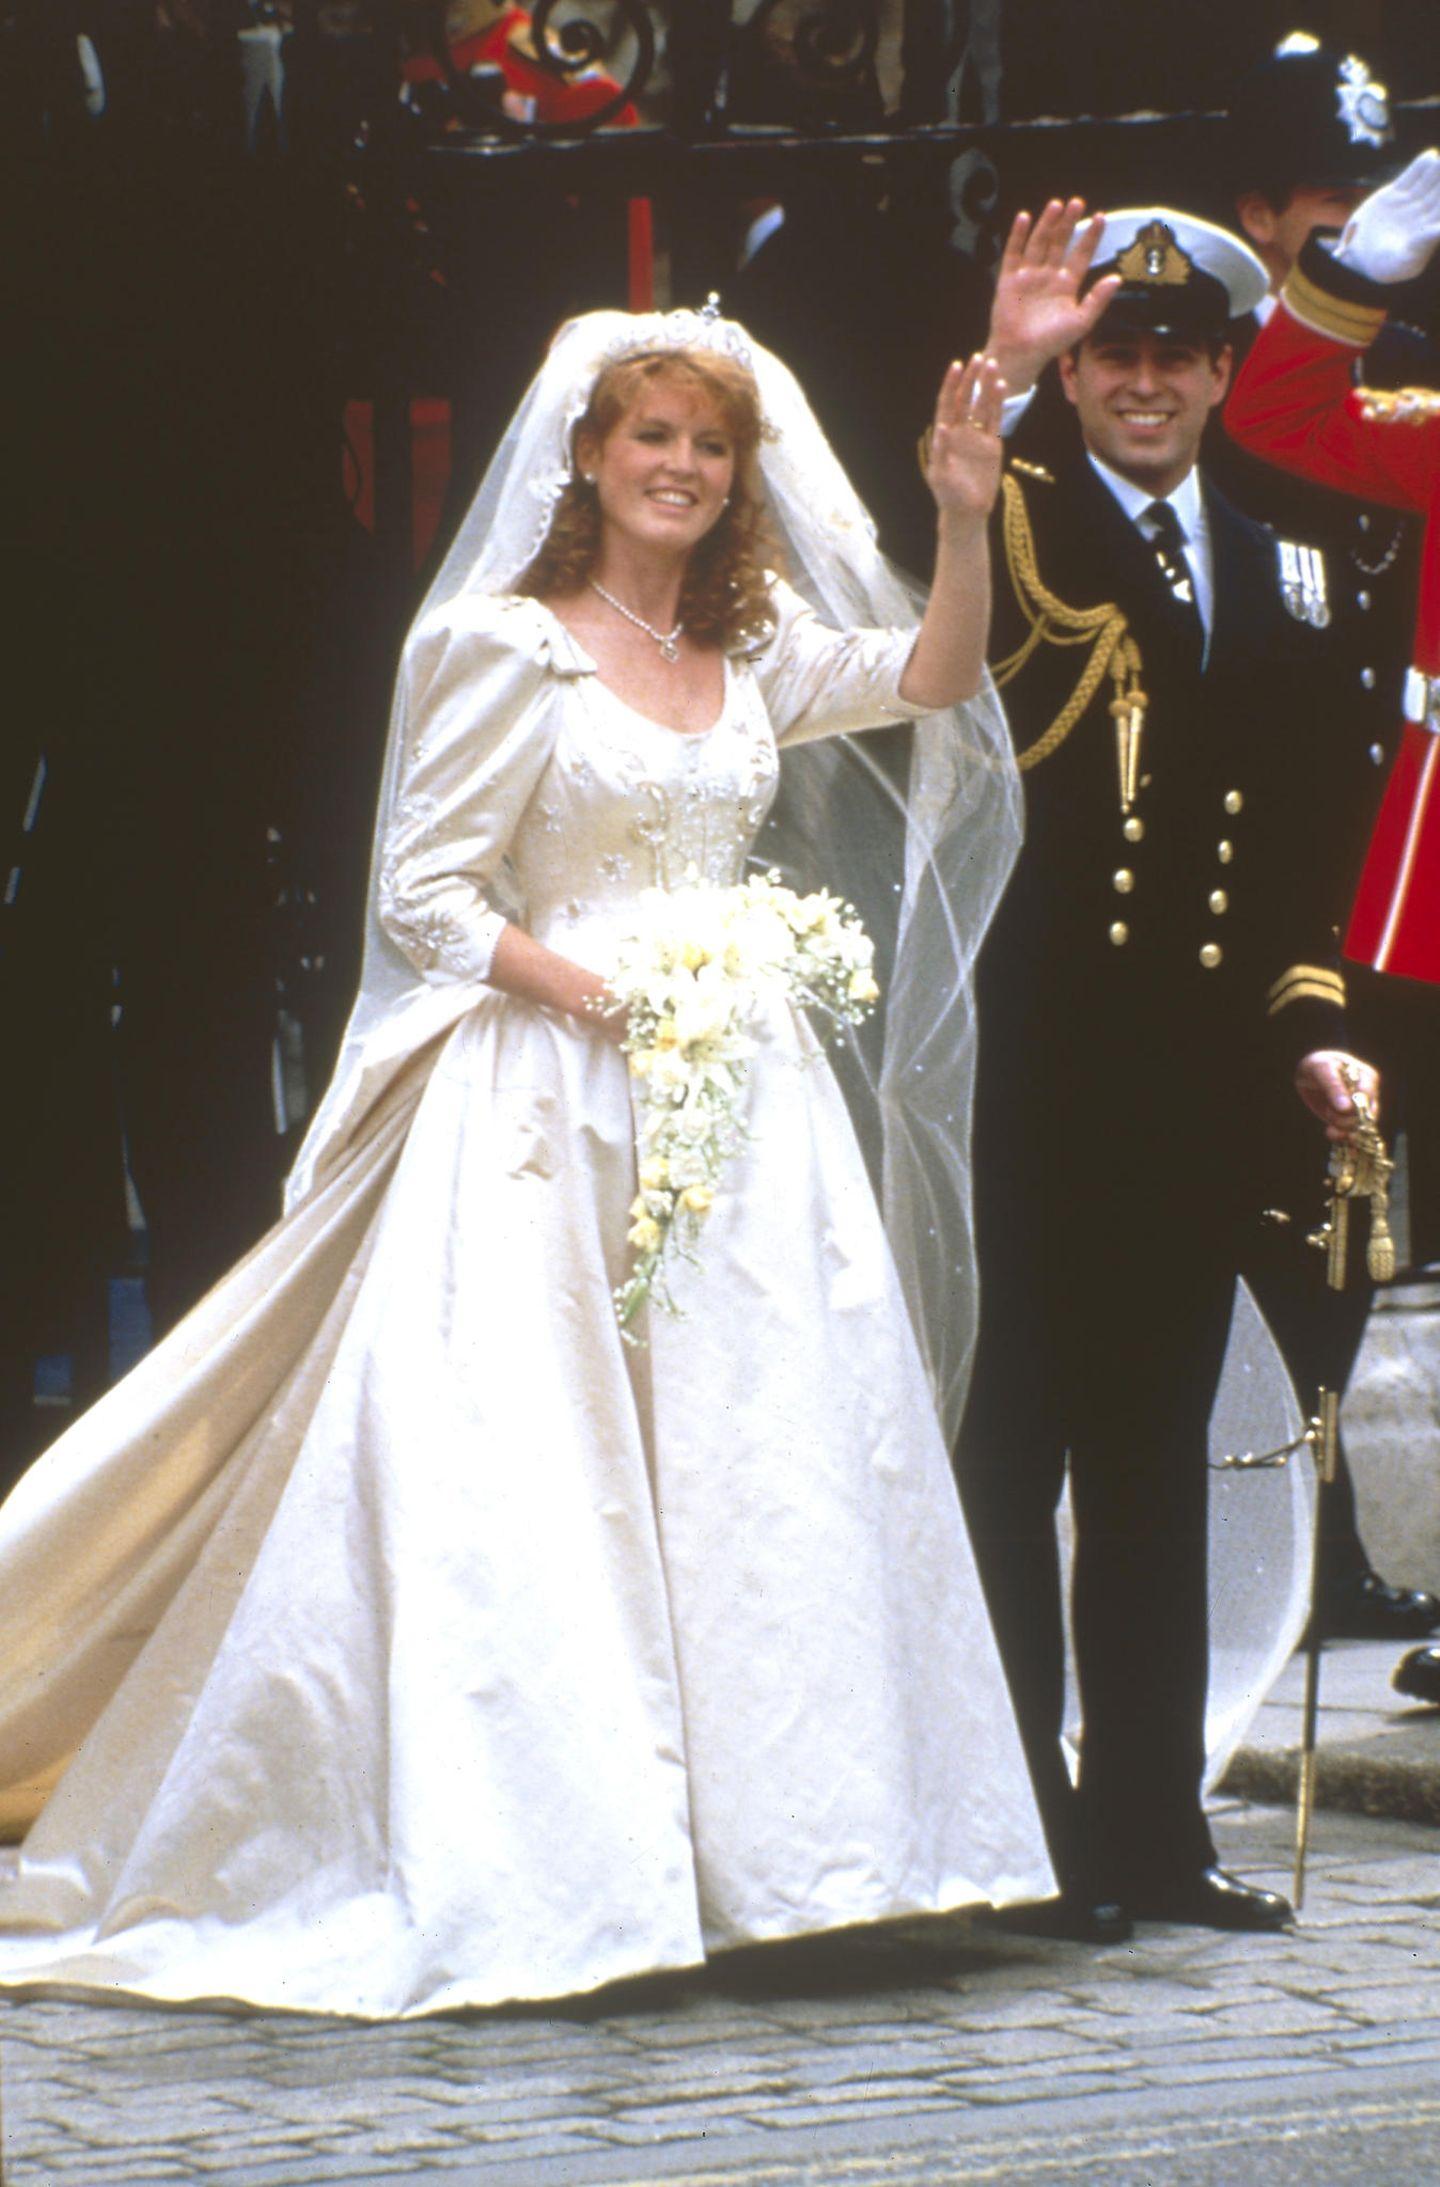 """Den Beginn des """"annus horribilis"""", des schrecklichen Jahres der Queen, markieren Prinz Andrew und seine Frau Sarah mit ihrer öffentlichen Krise.  Prinz Prinz Andrew hatte vor seiner 1986 geschlossenen Ehe mit Sarah Ferguson den Ruf eines Weiberhelden. Als Ehemann und Vater demonstriert er ein harmonisches Familienleben.  Anfang der 1990er Jahre bekommt die heile Fassade Risse: """"Fergie"""" gerät in die Schusslinie der Medien. Das Paar distanziert sich und es kriselte. Im 1992 geben die beiden die """"freundschaftliche Trennung"""" bekannt. Schon im August tauchen Fotos von Sarah auf, die sie oben ohne zeigen, während der US-Finanzmanager John Bryan an ihren Zehen nuckelt. Dieder Skandal setzt den Schlusspunkt die Ehe."""